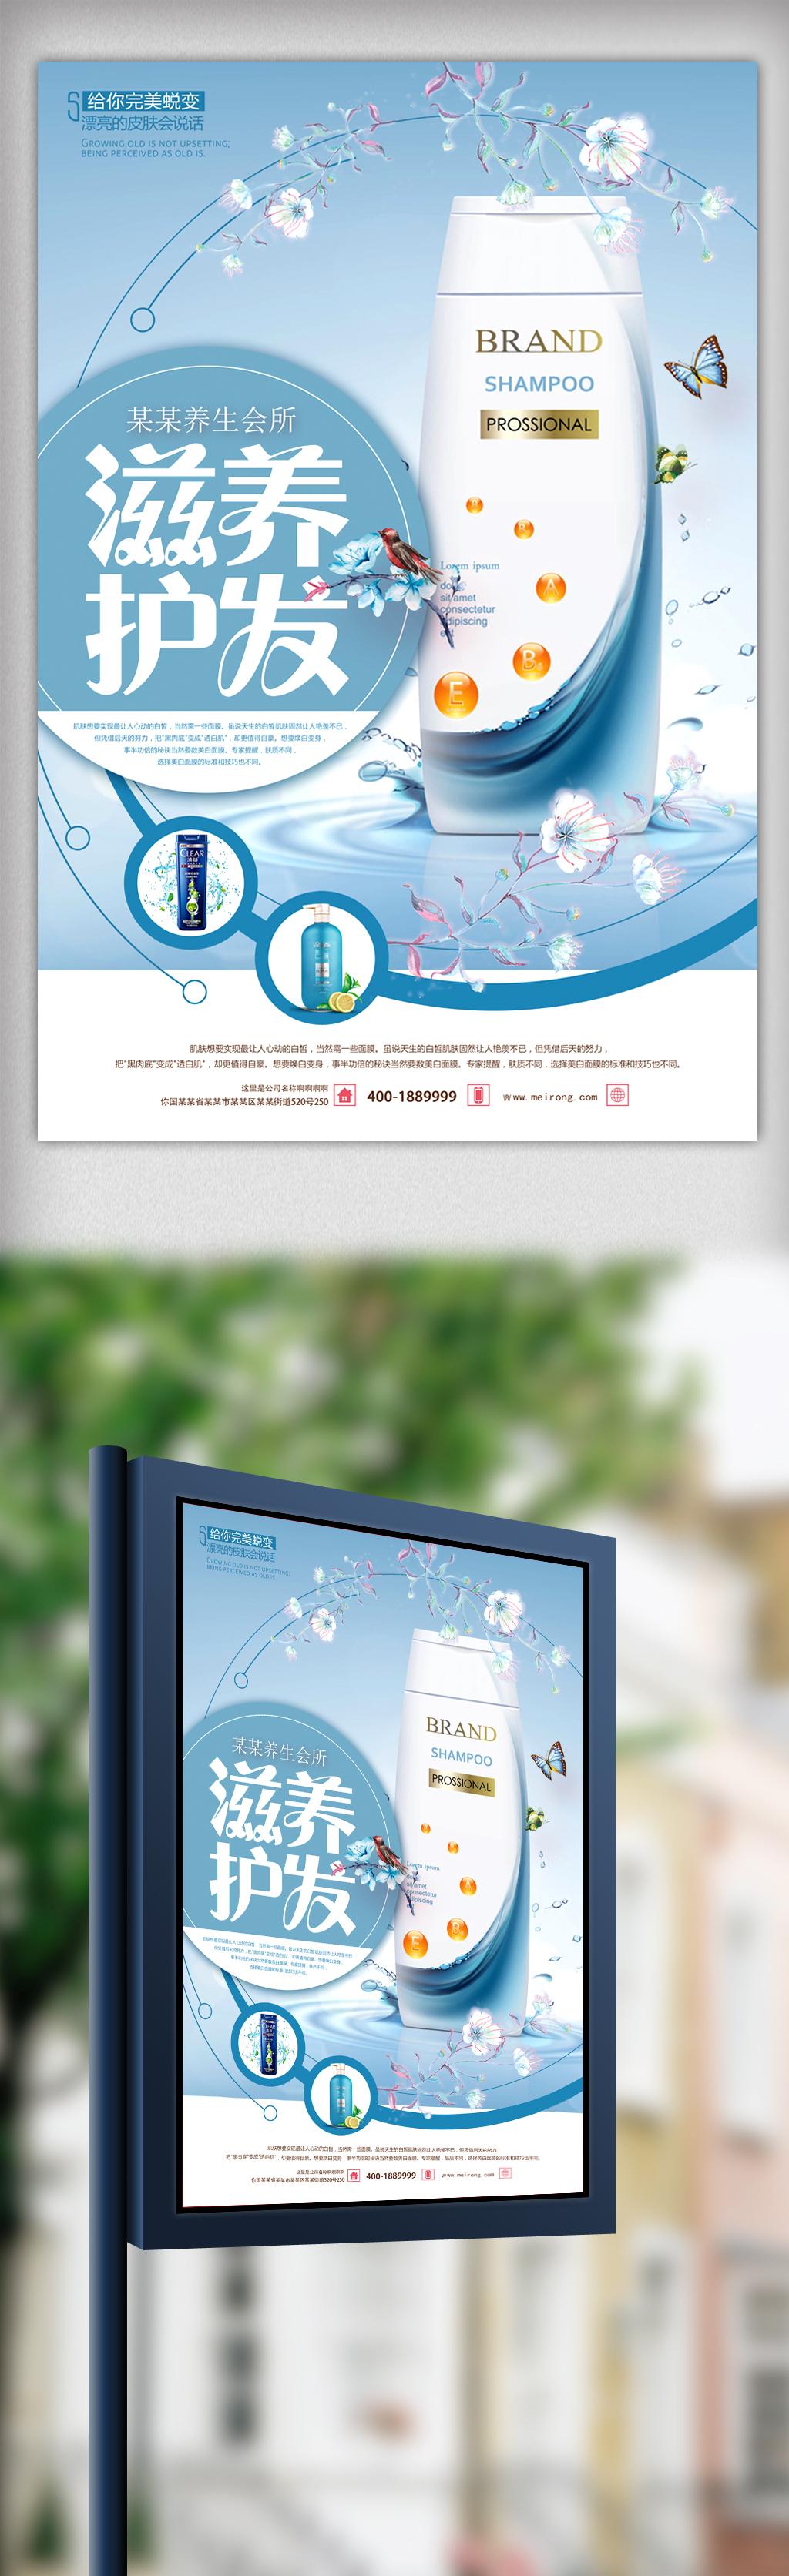 平面|广告设计 海报设计 pop海报 > 滋养护发洗发水宣传海报设计